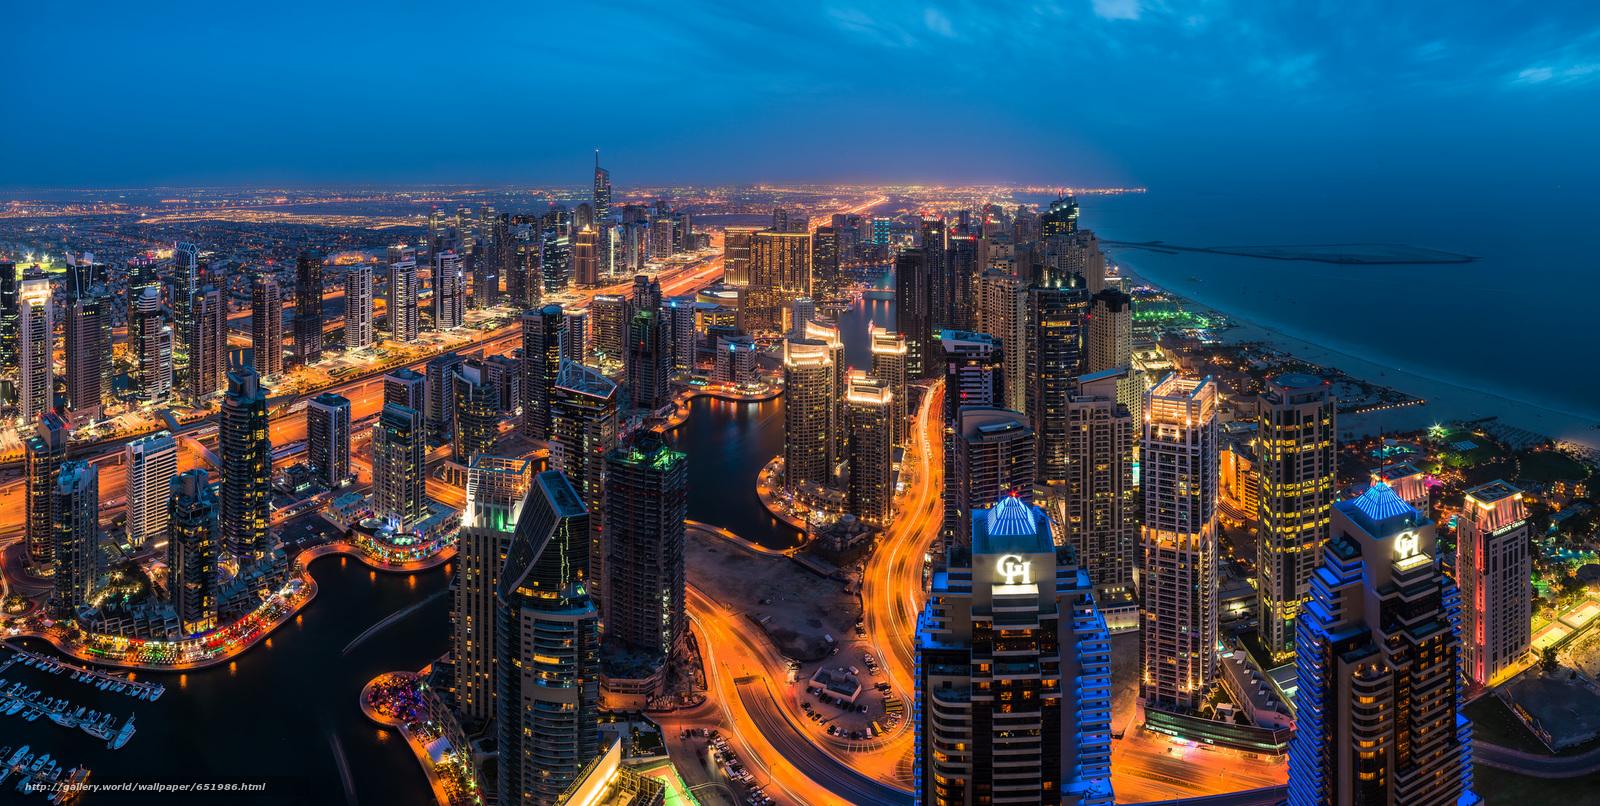 Скачать обои Dubai,  UAE,  Дубай,  ОАЭ бесплатно для рабочего стола в разрешении 2048x1032 — картинка №651986